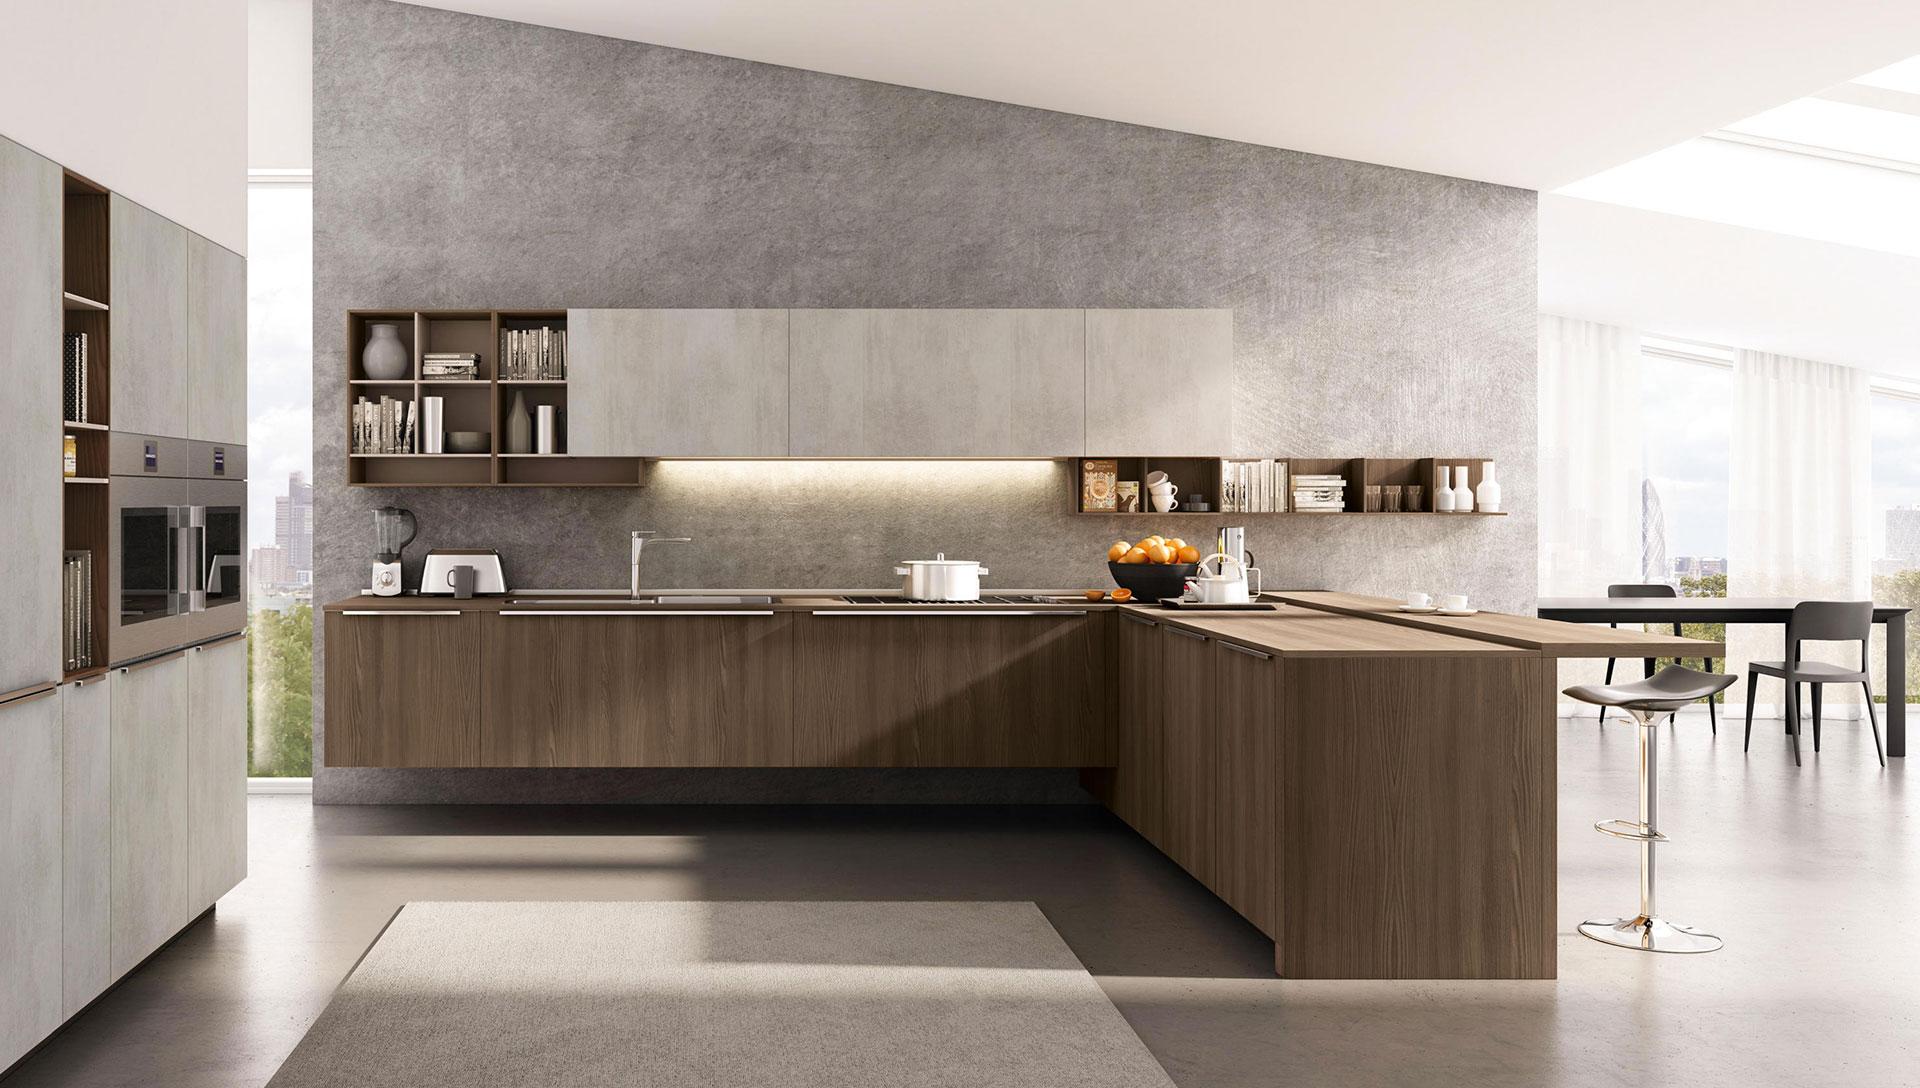 cucina-3-arredamenti-comodus-arredamenti-nicoletti-interni-interior-design-divani-complementi-arredo-mobili-design-accessori-matera